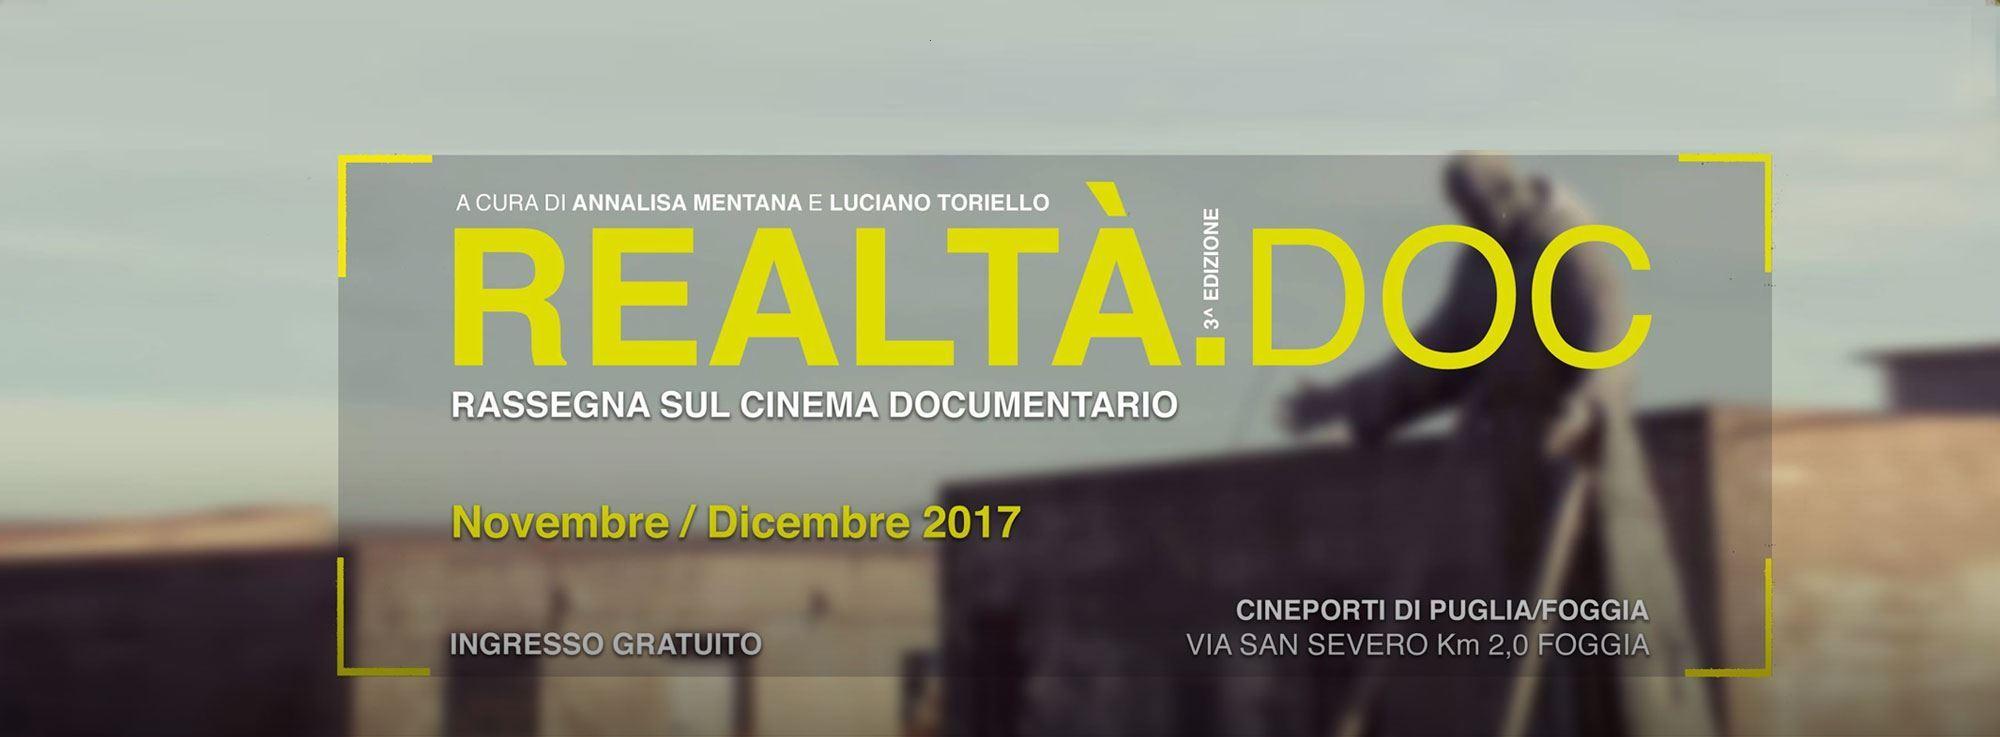 Foggia: Realtà.doc